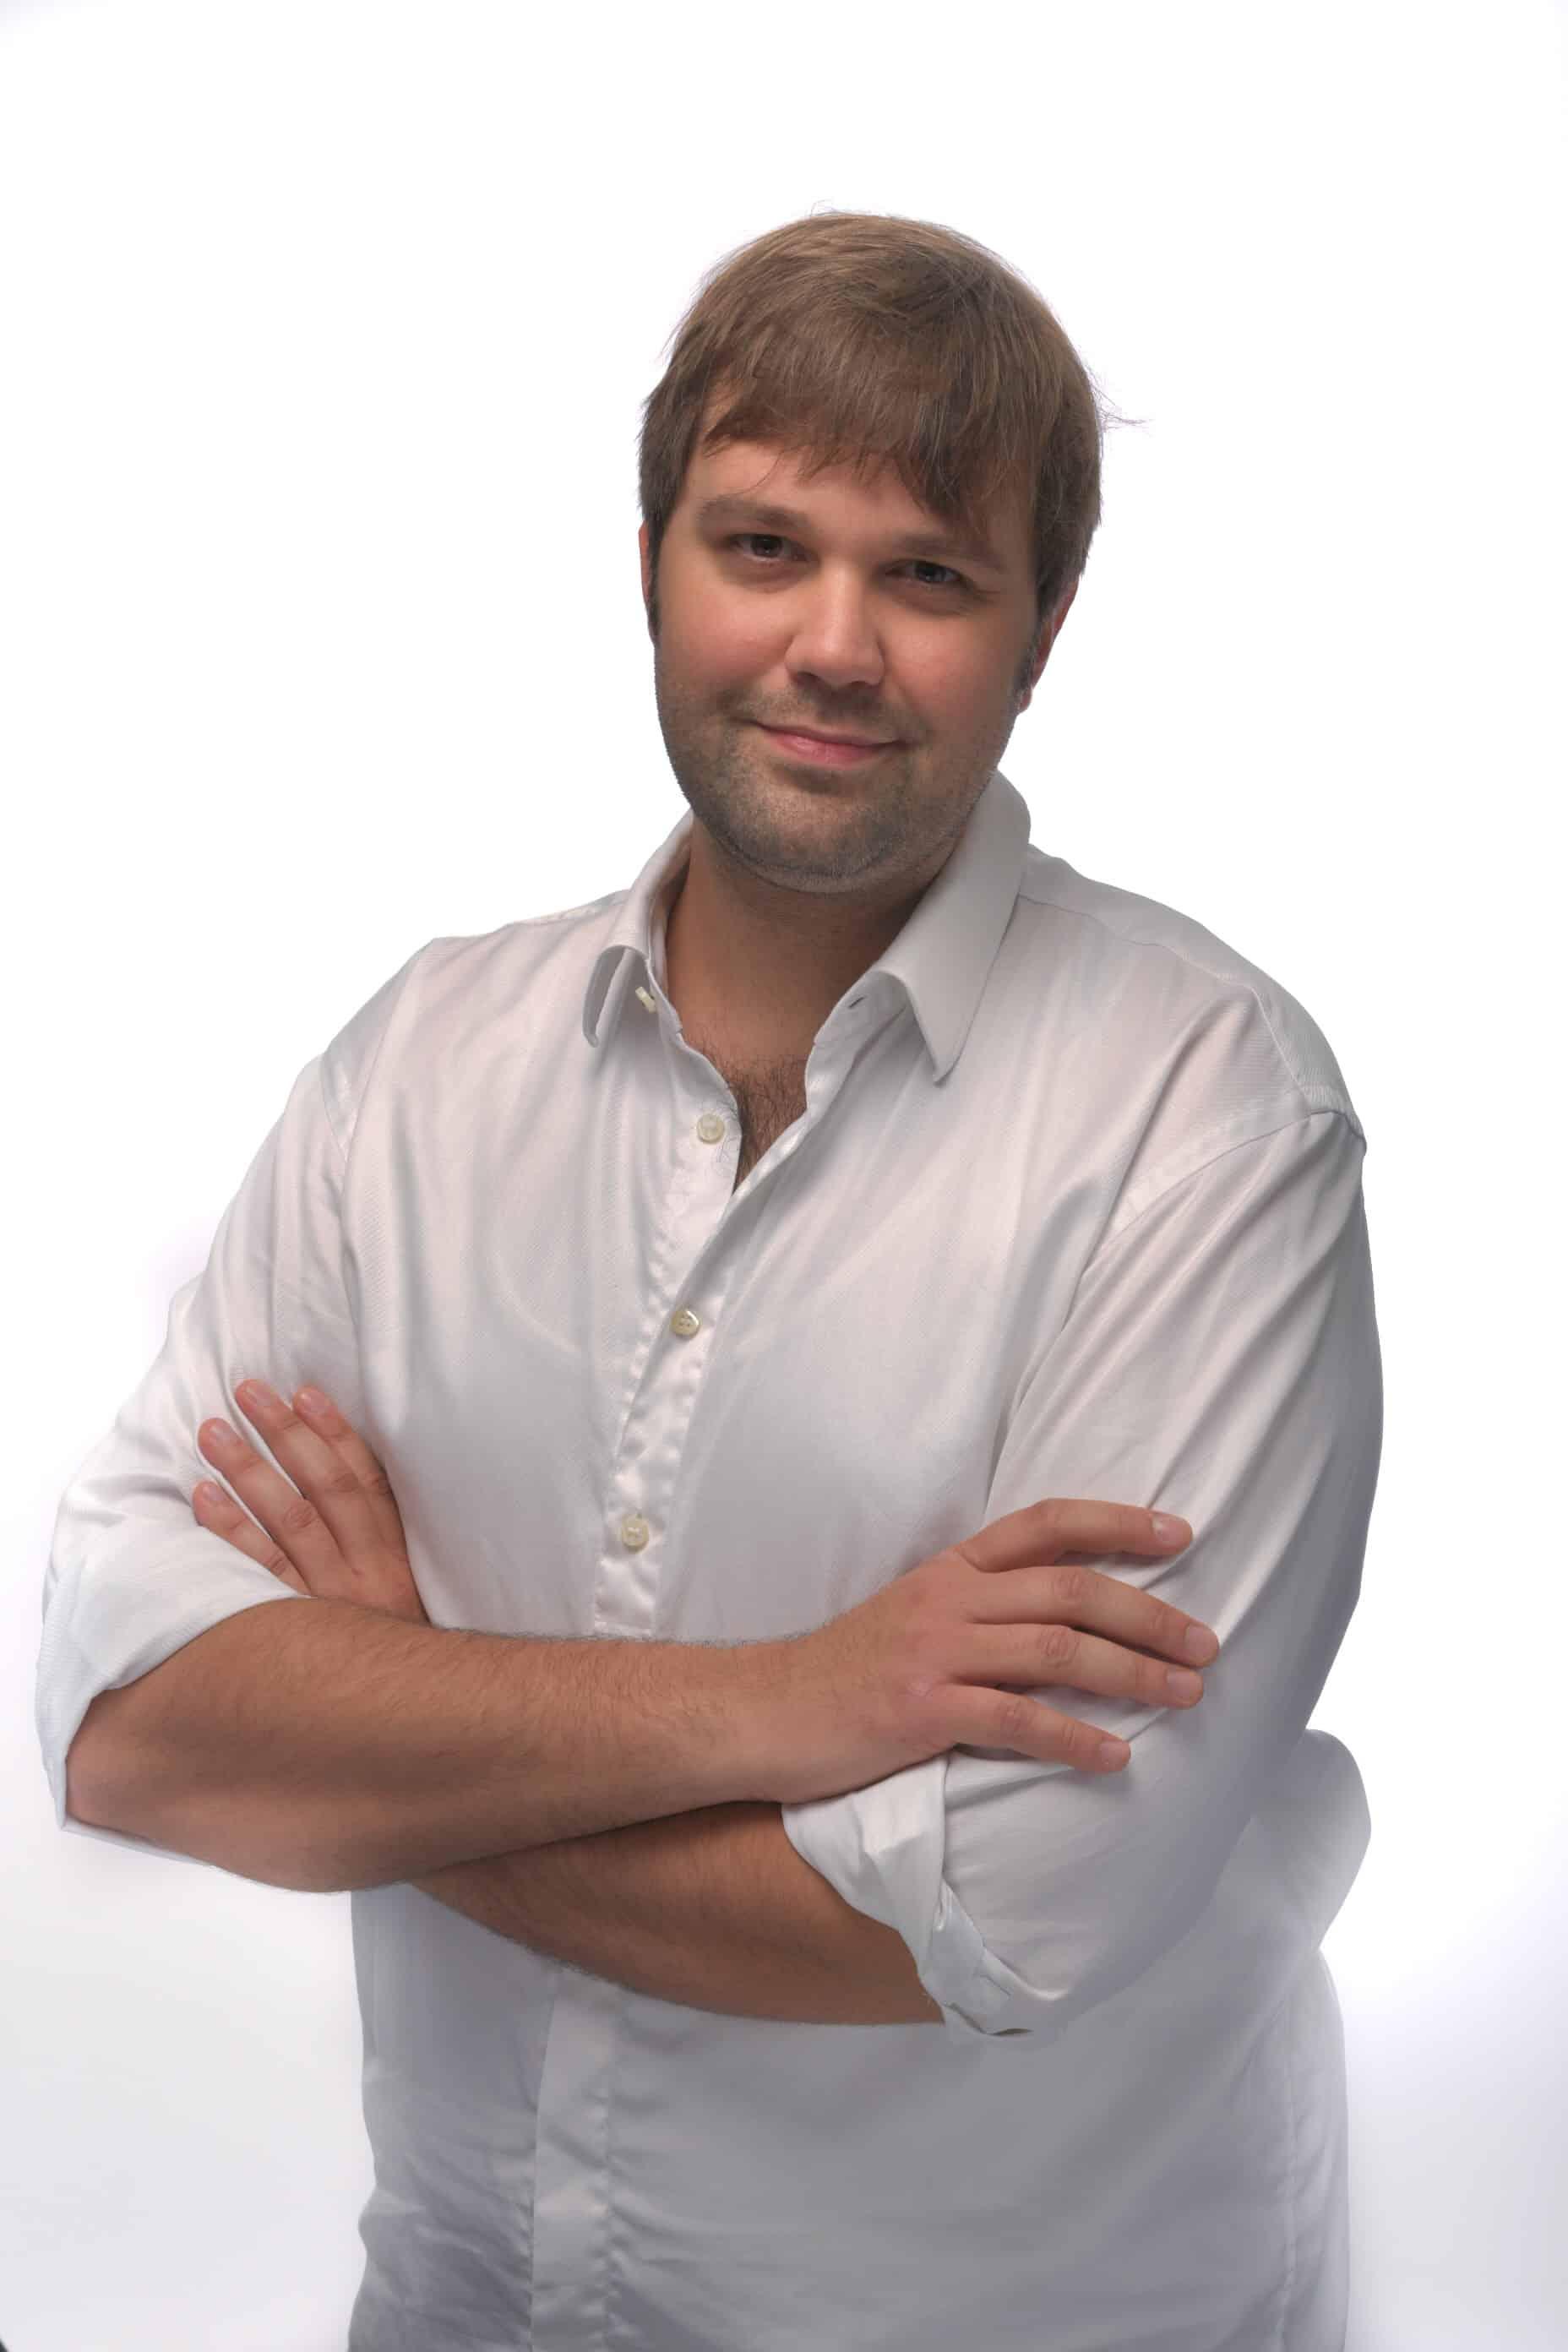 Felix Schmitz